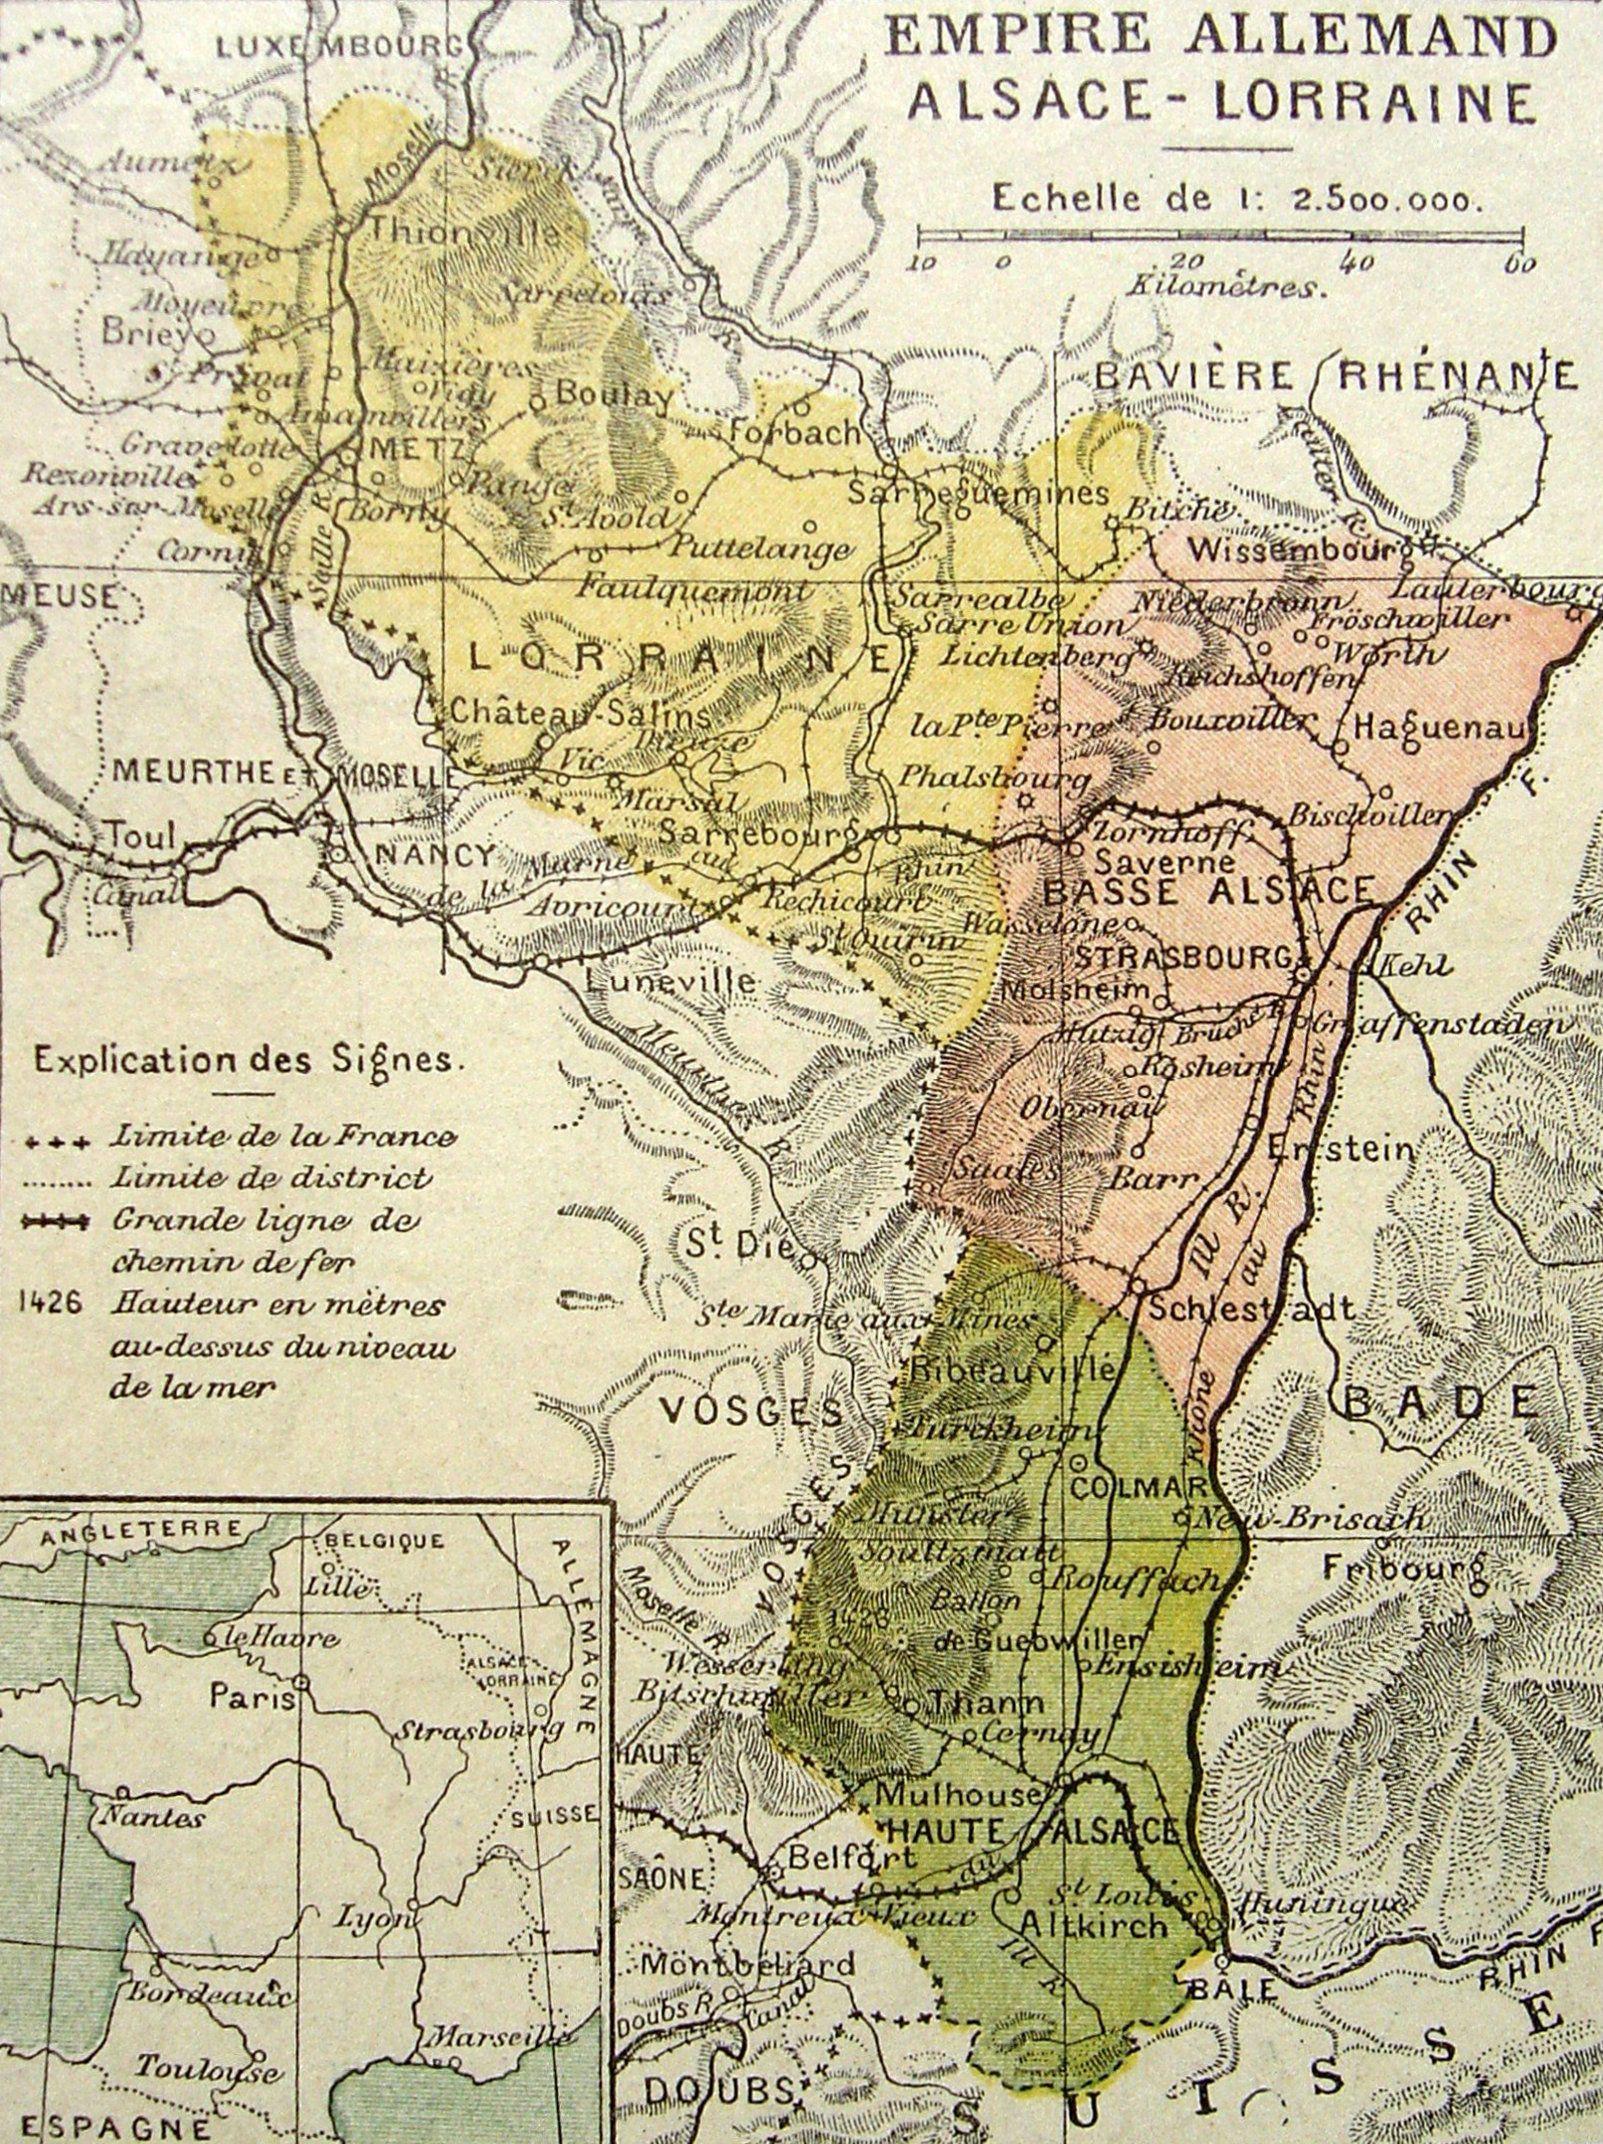 Carte Lalsace.Carte De L Alsace Lorraine En 1914 Alsace France Alsace